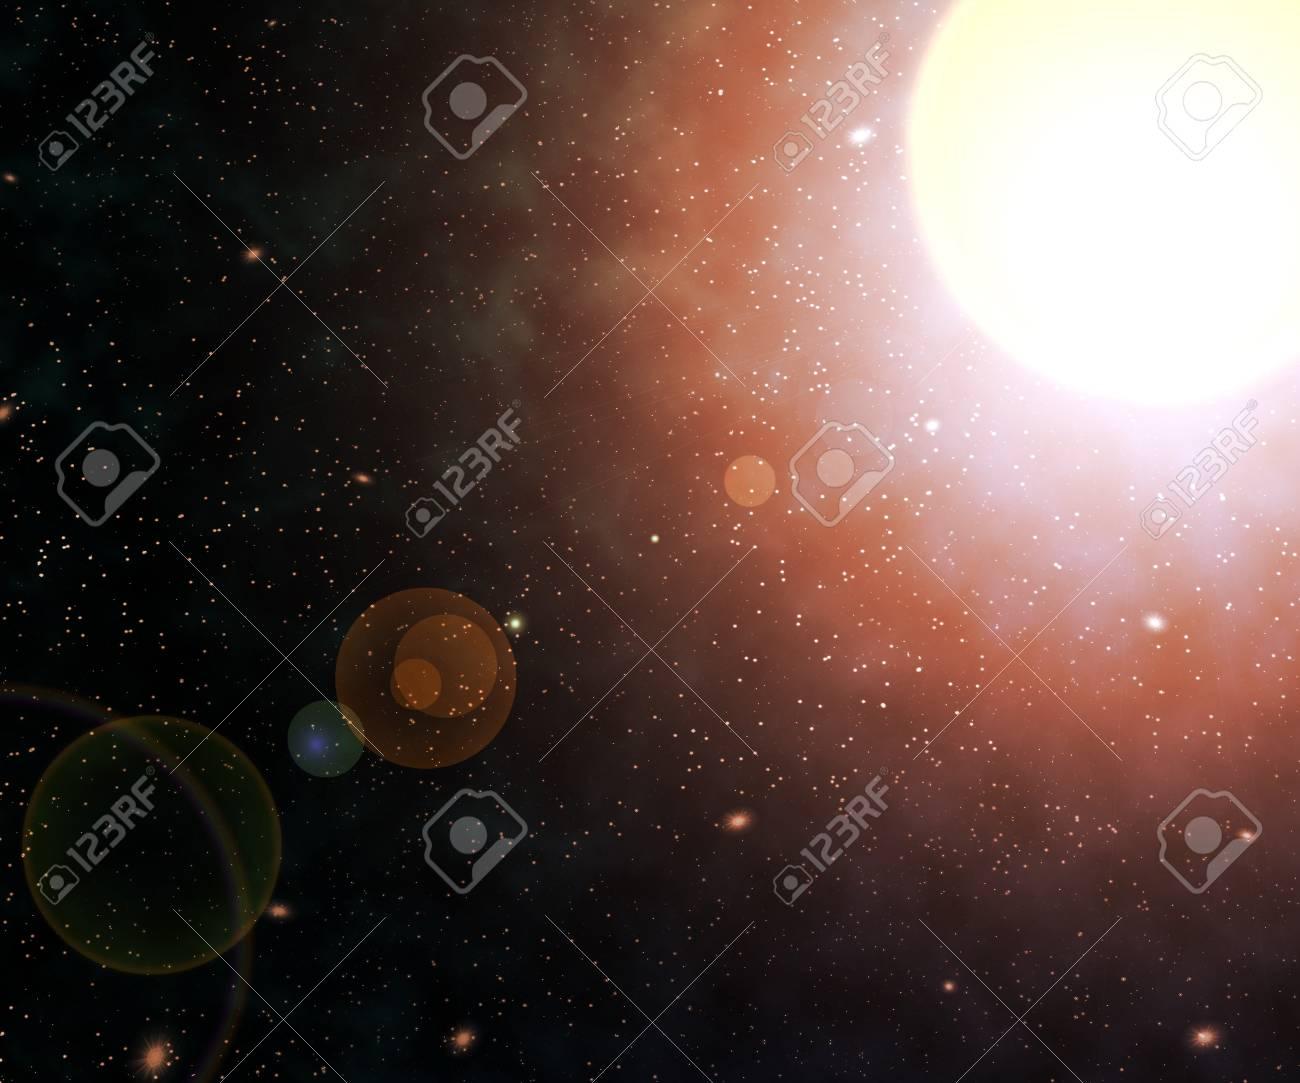 Star Nebula Space Backdrop Stock Photo - 21138513